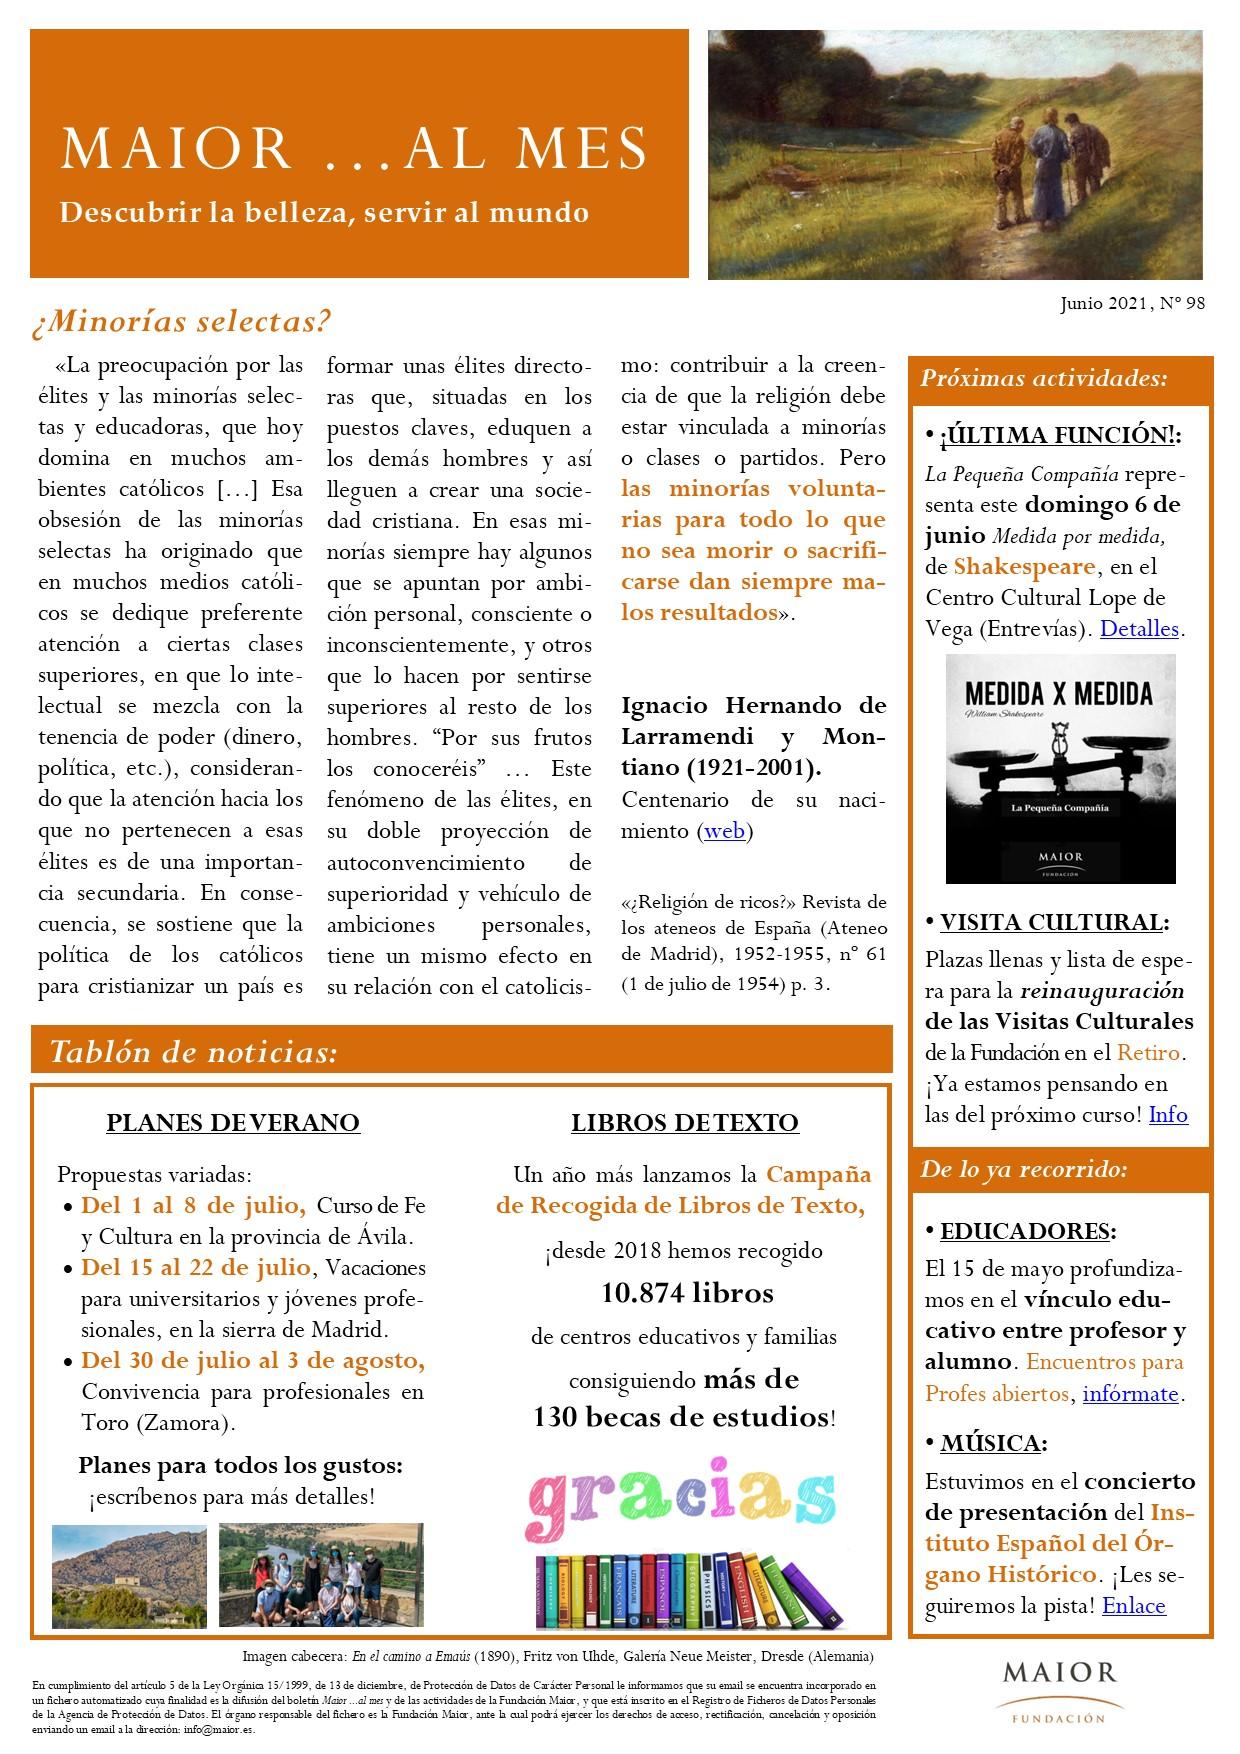 Boletín mensual de noticias y actividades de la Fundación Maior. Edición de junio 2021